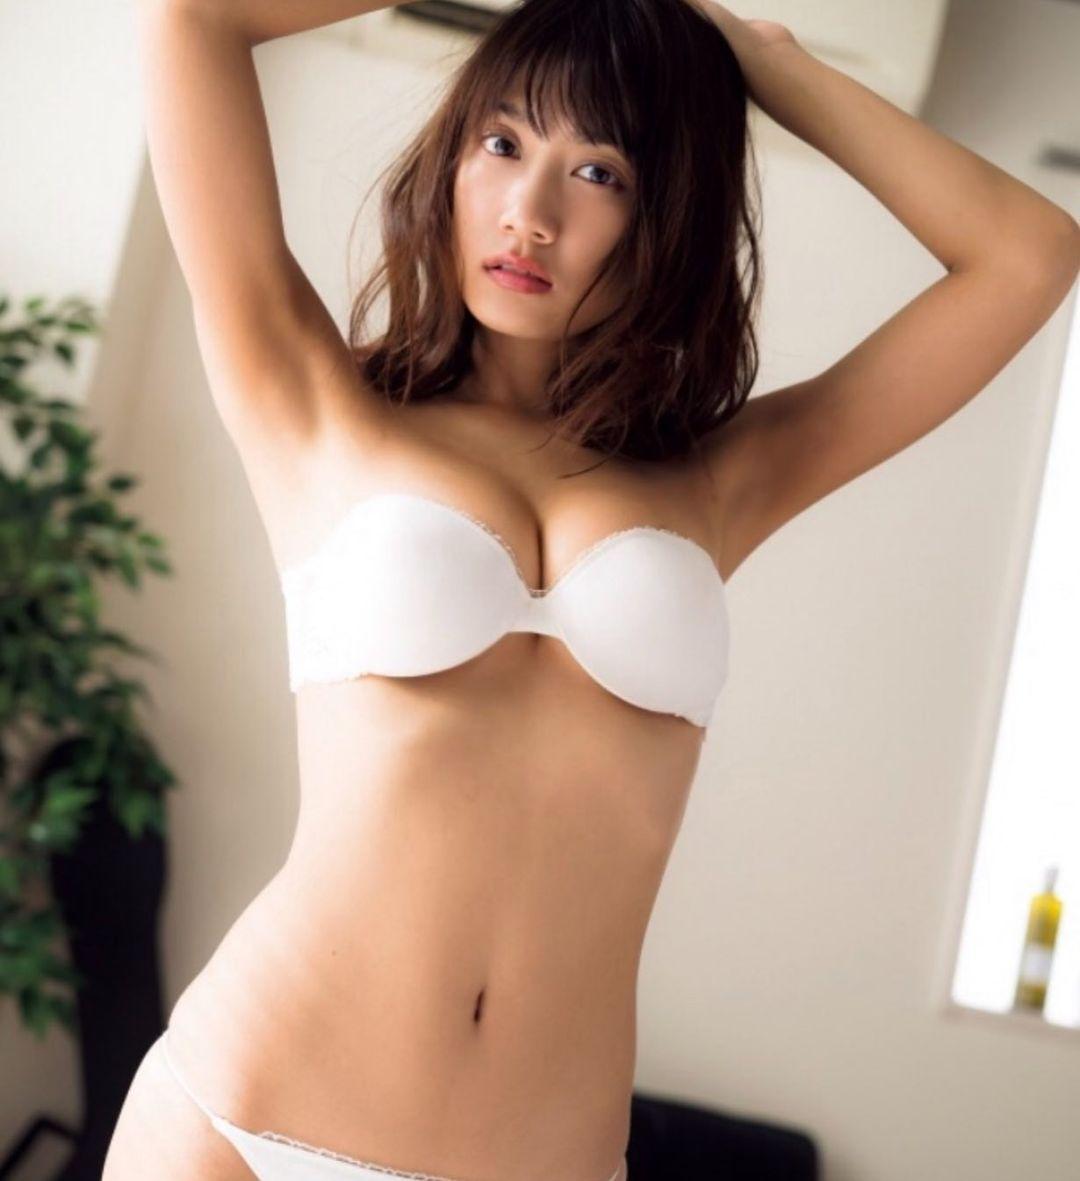 「グラビアアイドルぽい」引き締まった美ボディを披露【石原由希さん/2021年1月29日】